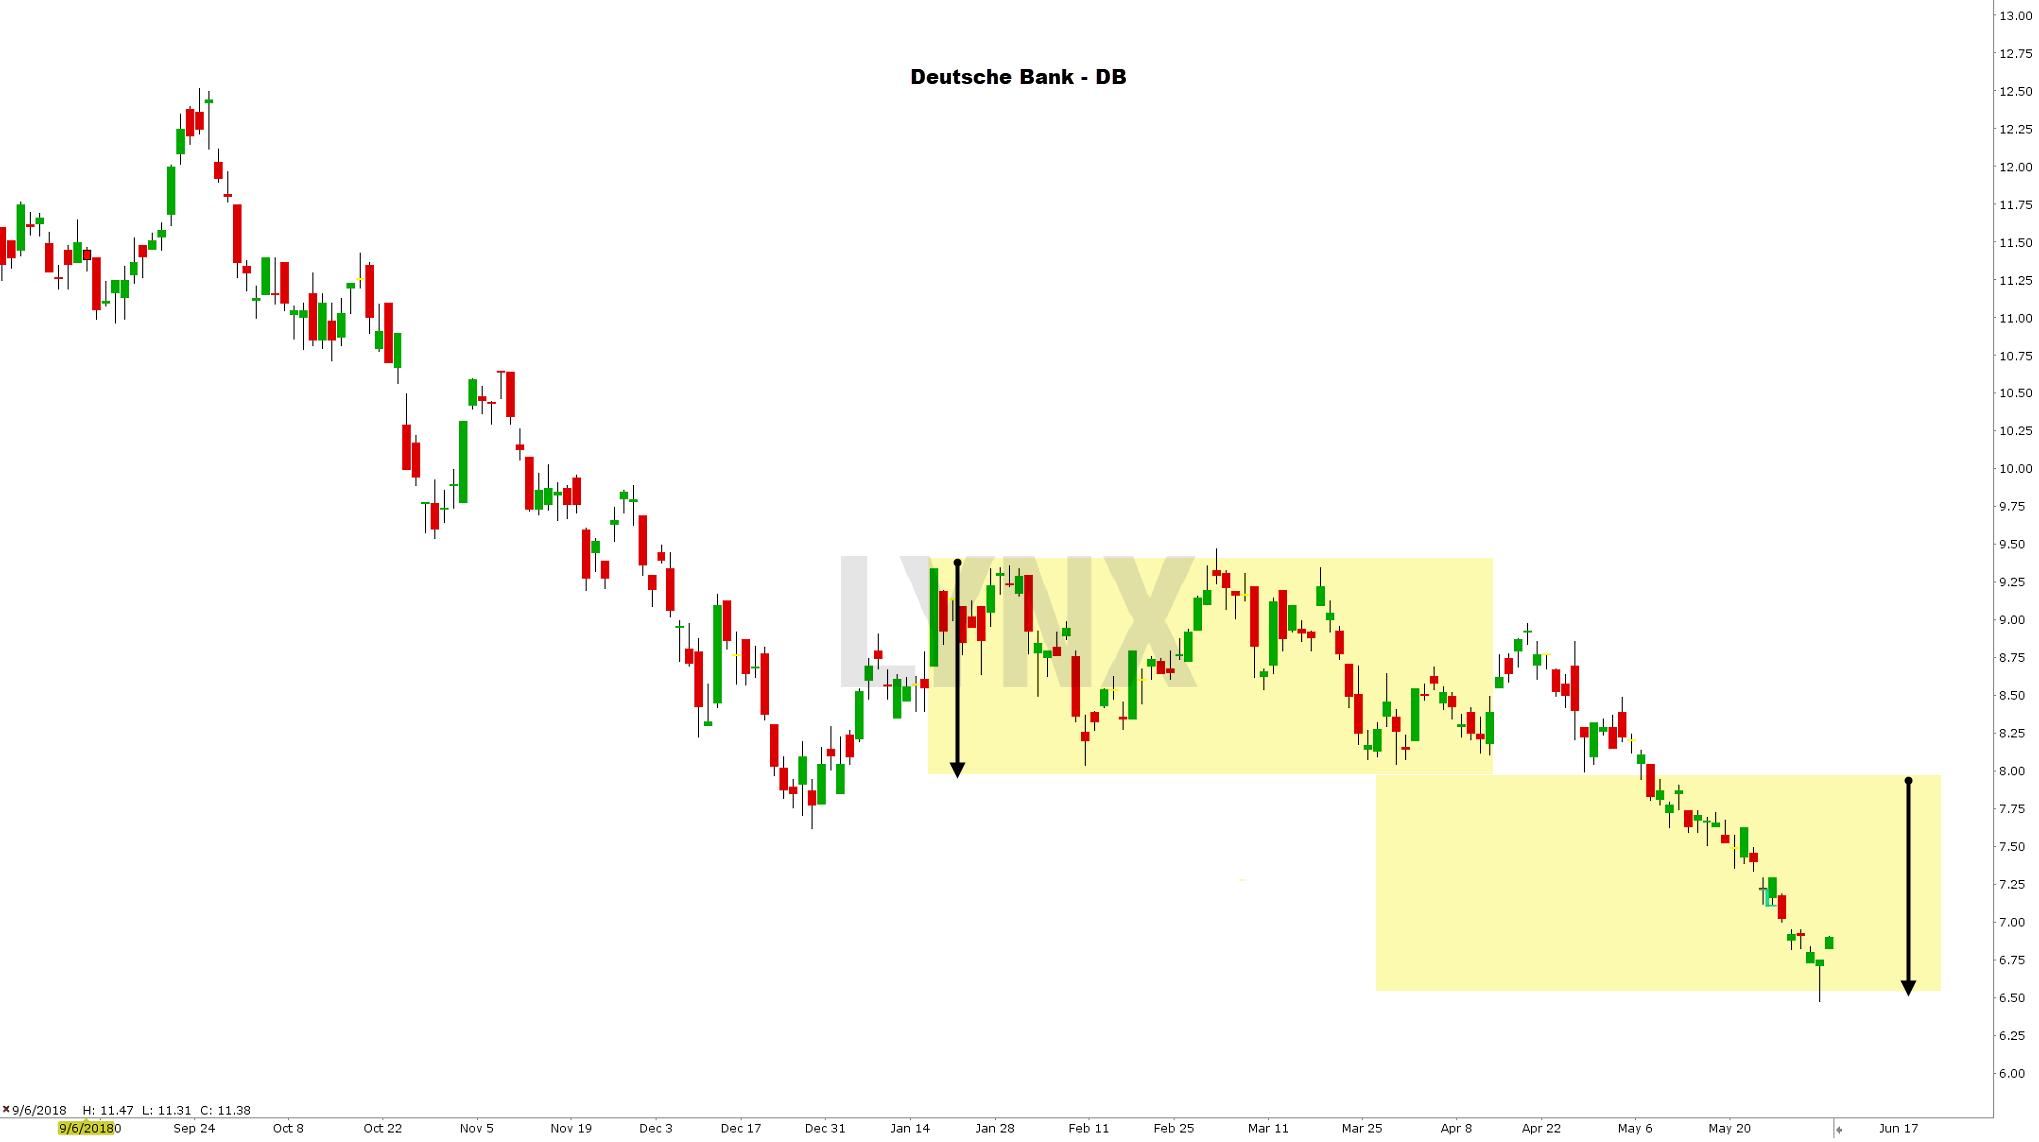 Koers aandeel Deutsche Bank